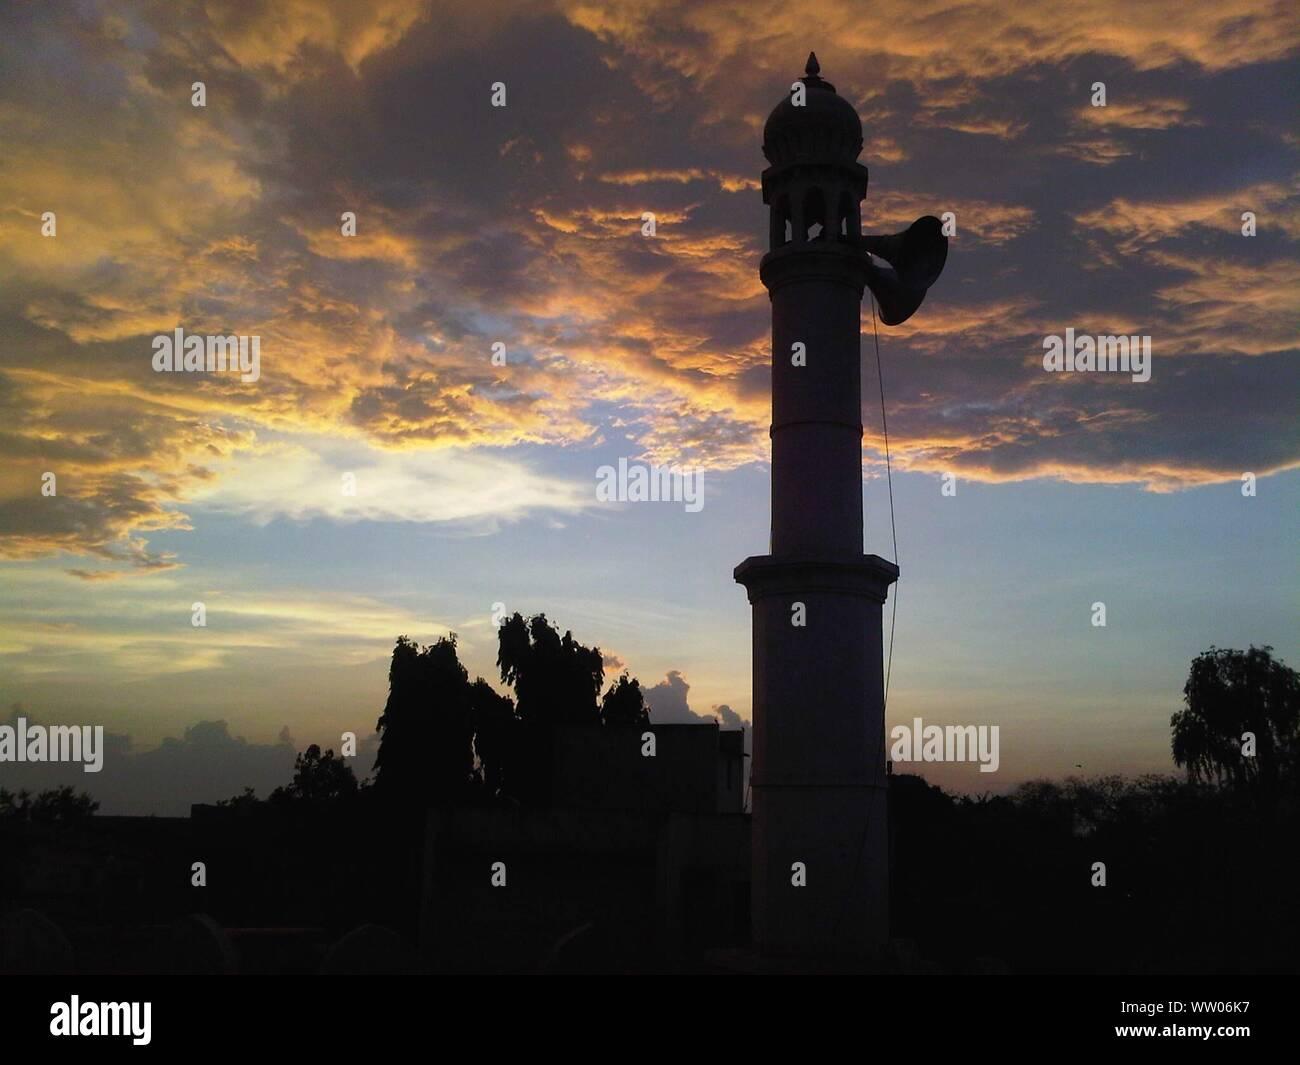 Ángulo de visión baja de los altavoces de torre Foto de stock